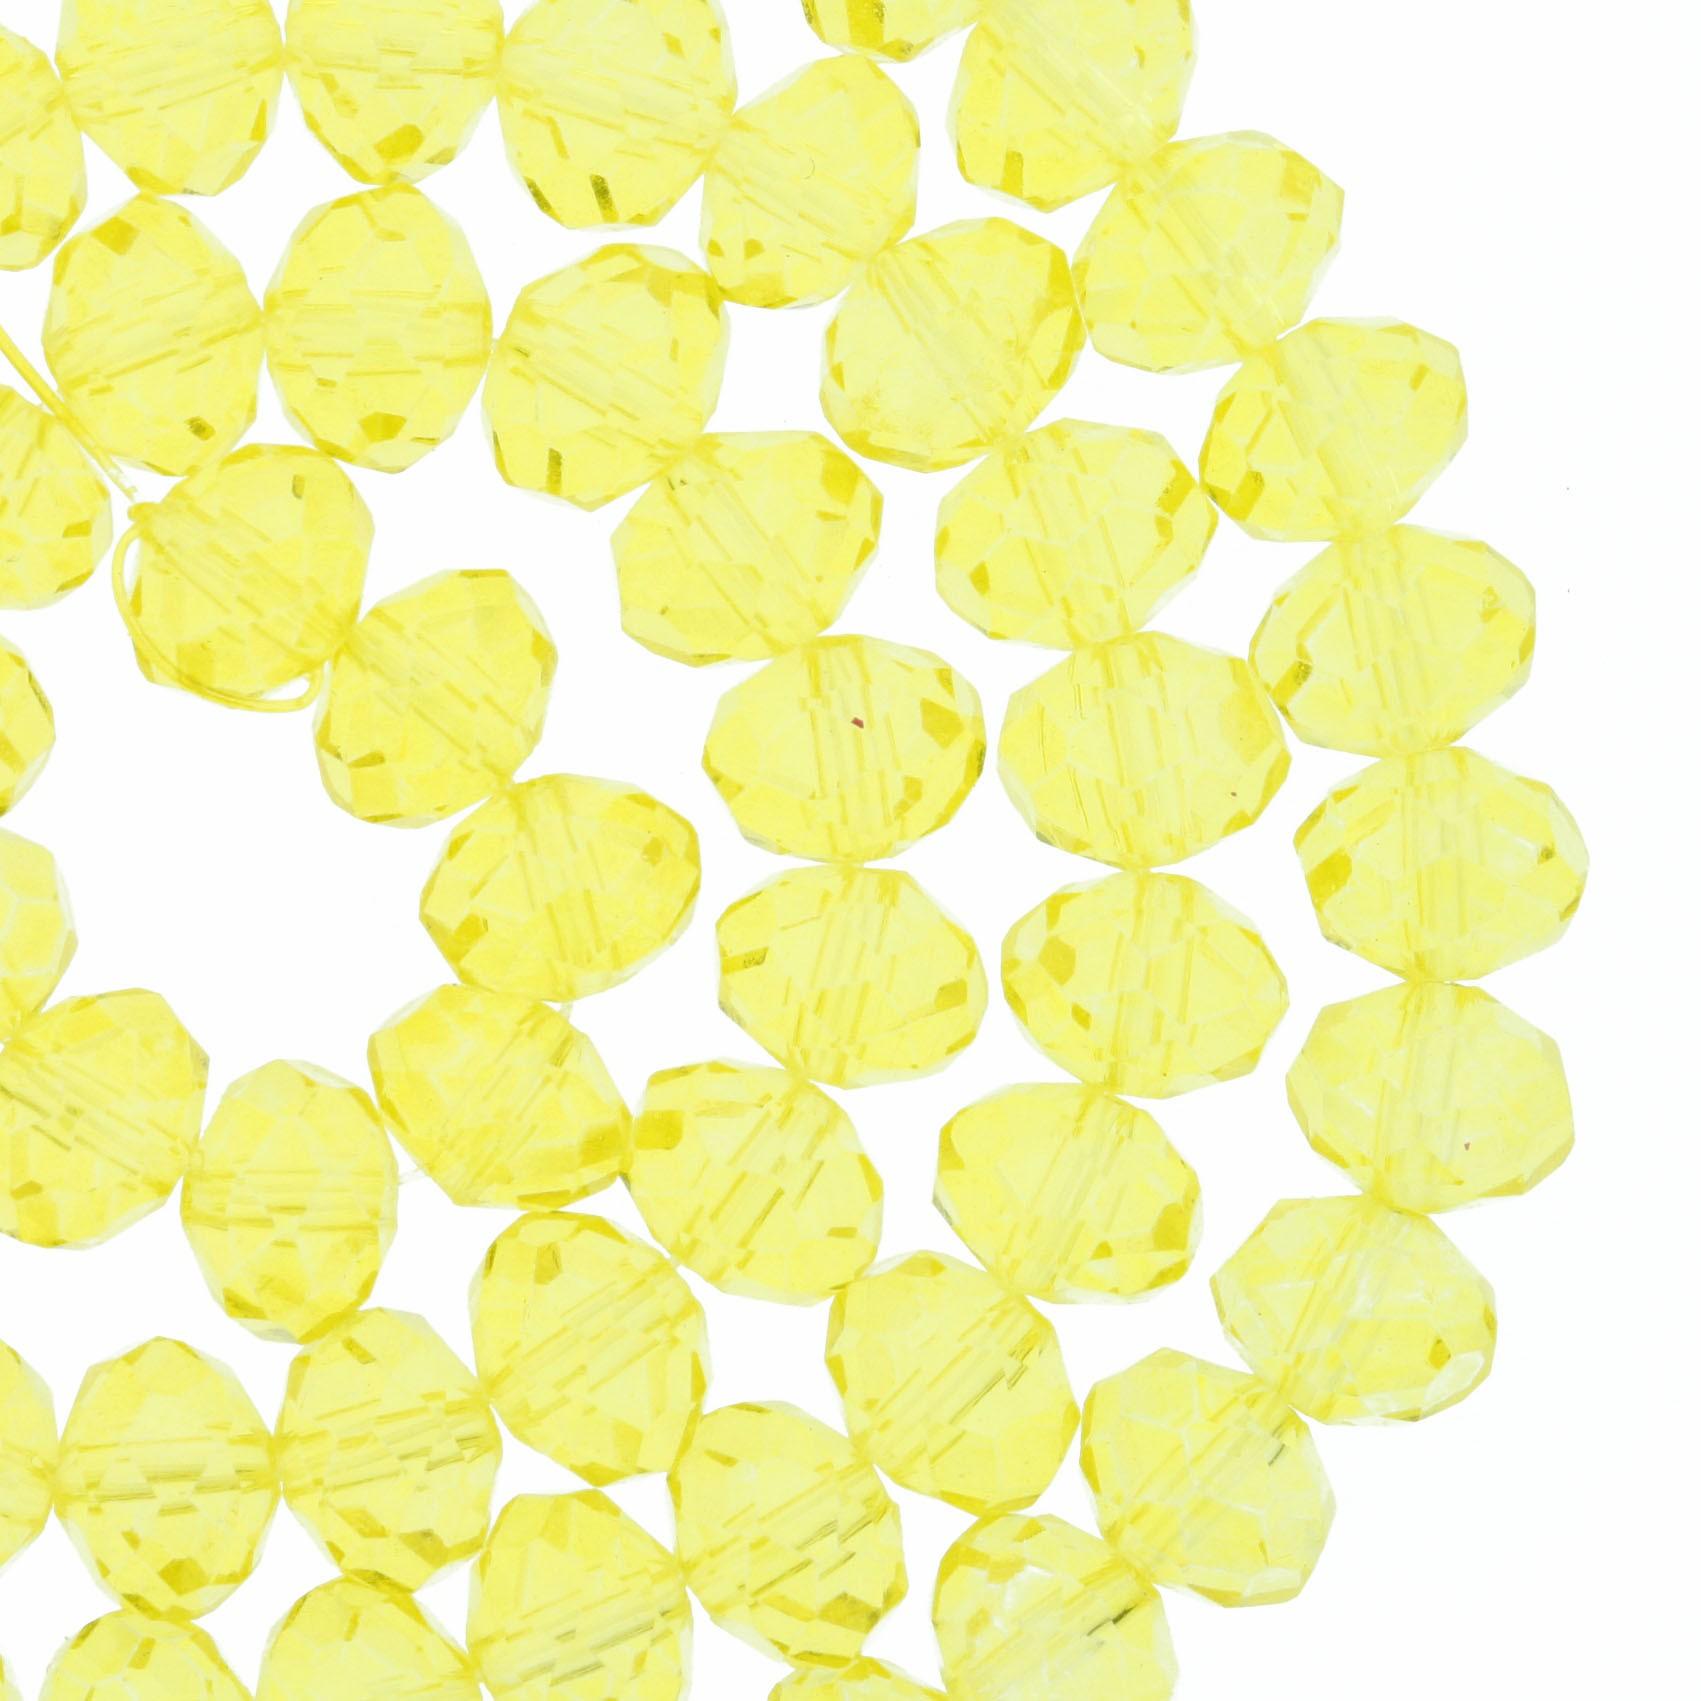 Fio de Cristal - Flat® - Amarelo Transparente - 8mm  - Stéphanie Bijoux® - Peças para Bijuterias e Artesanato